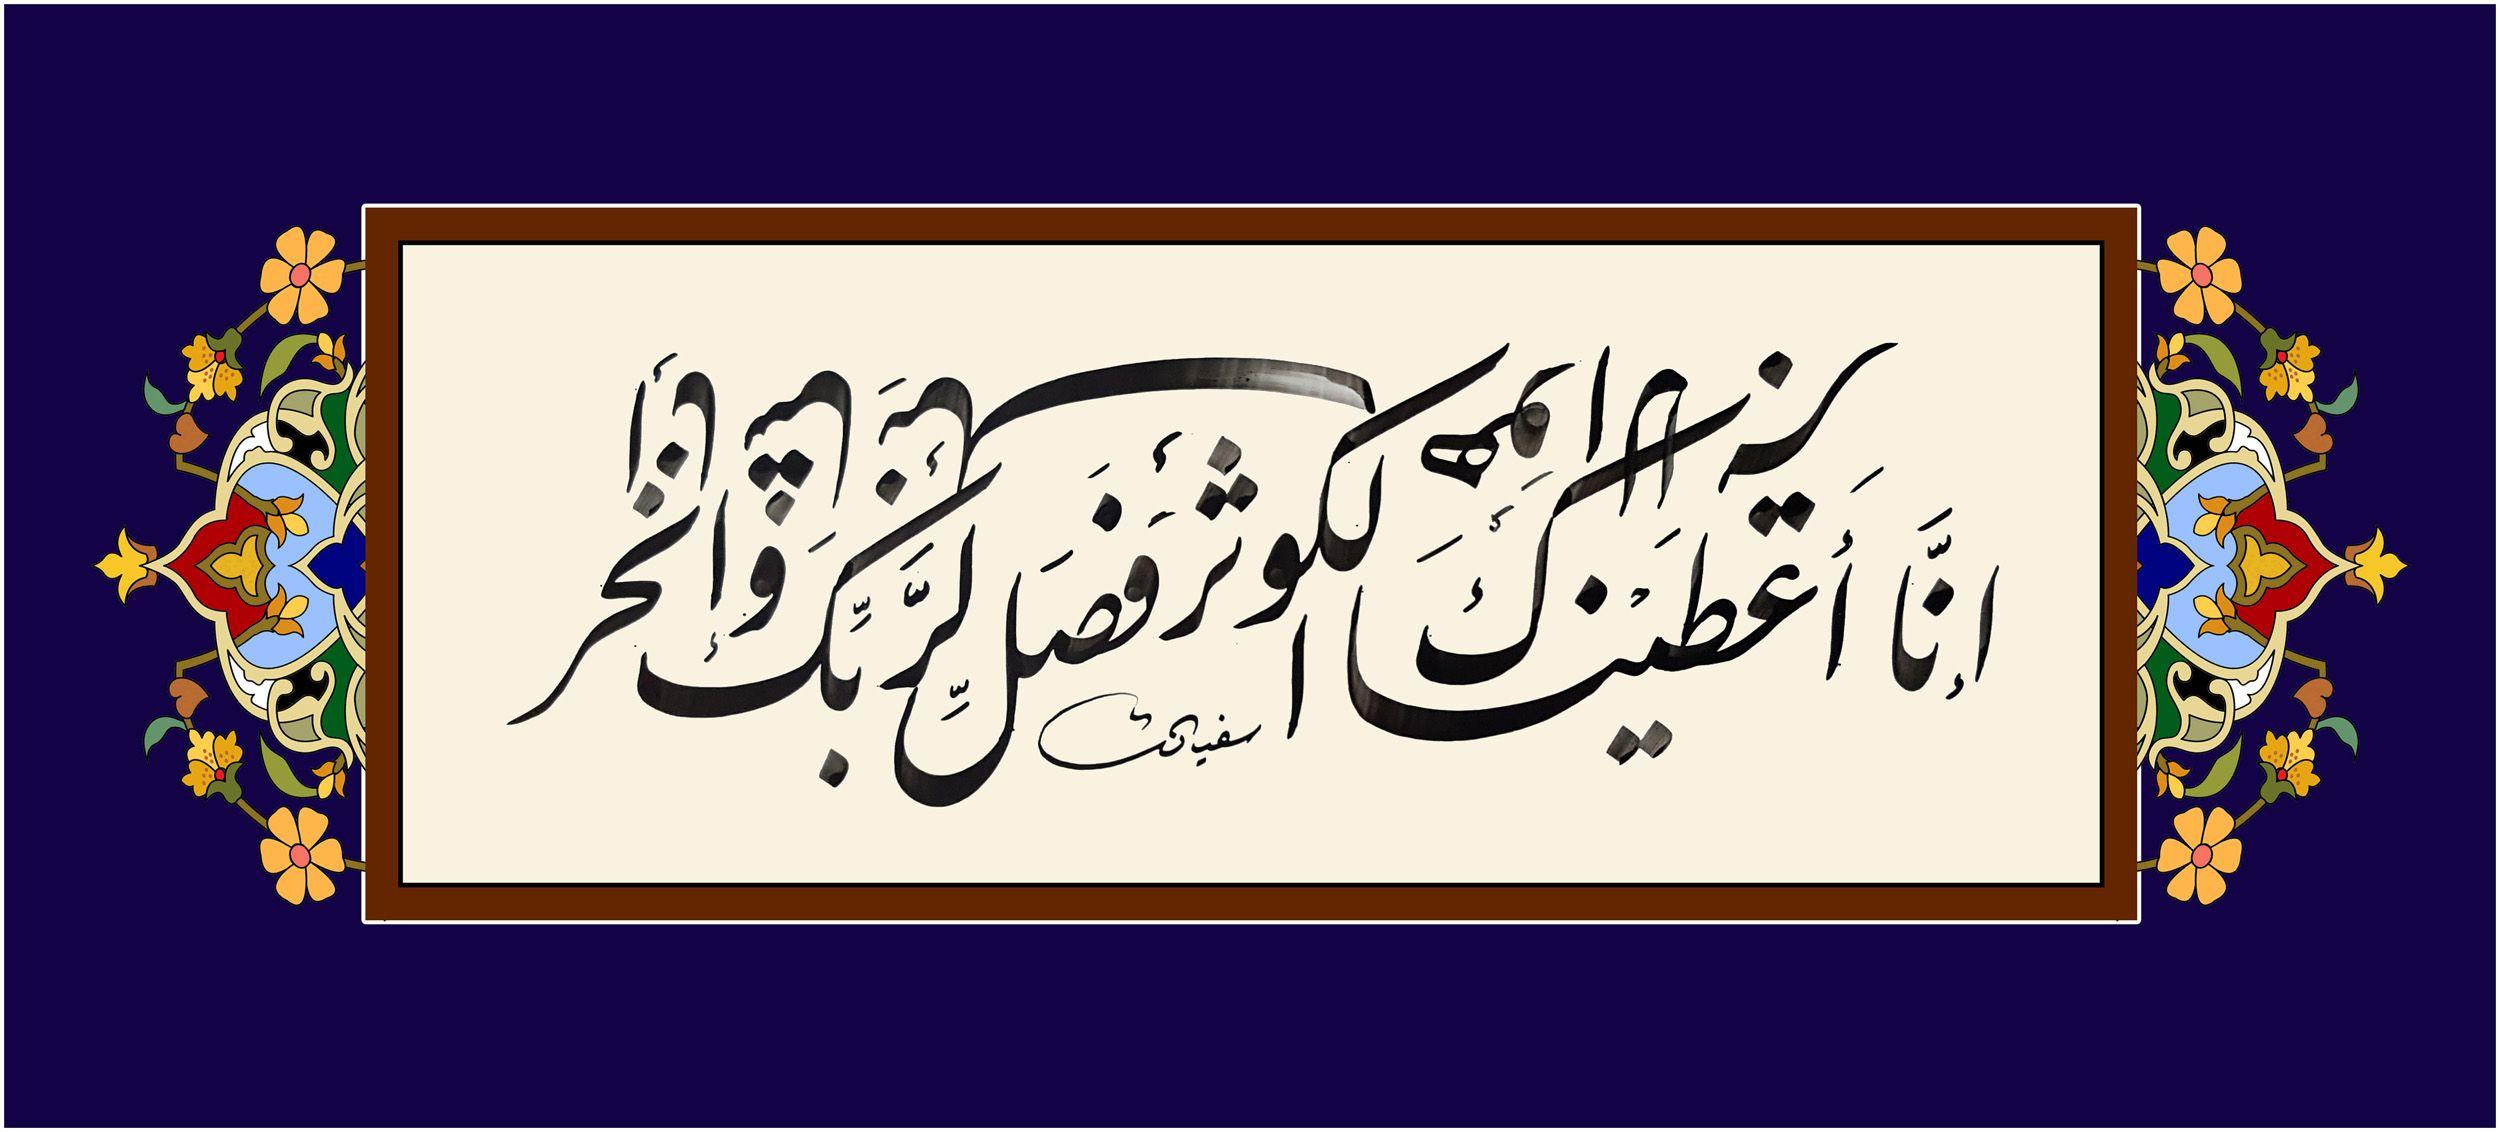 سفيان العاني انا اعطيناك الكوثر Mirror Selfie Quran Calligraphy